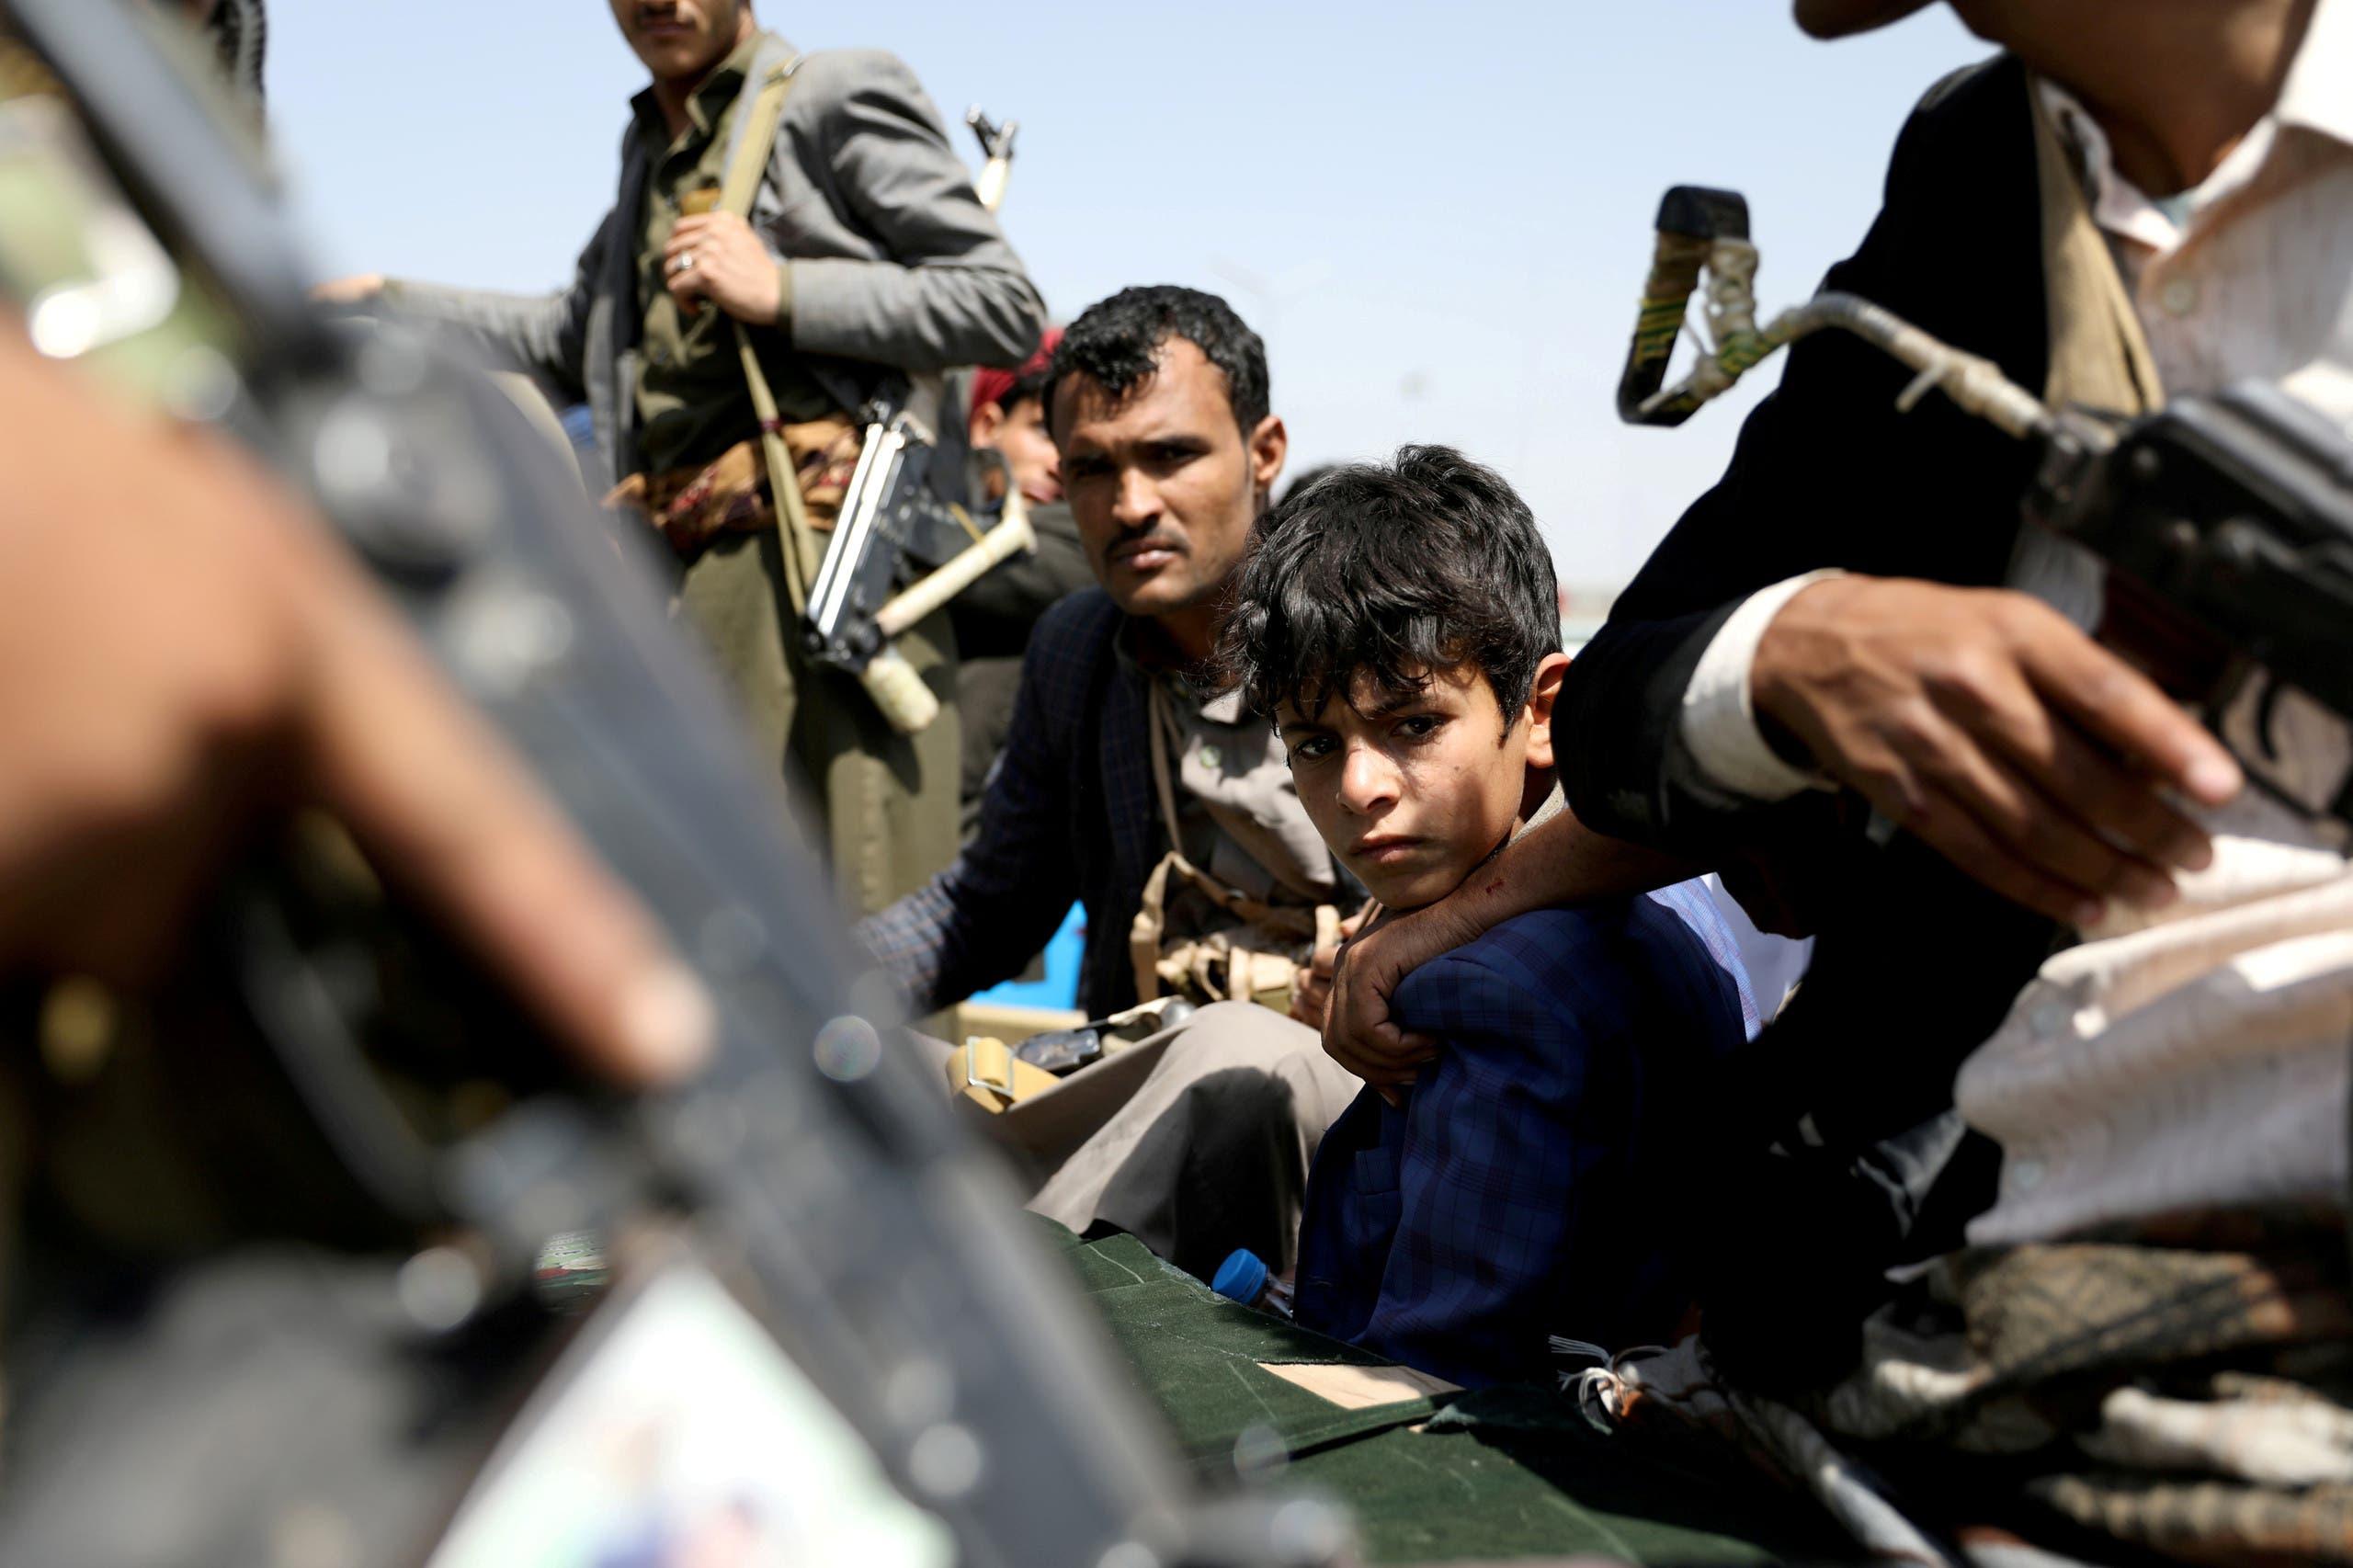 طفل بين مسلحين حوثيين في صنعاء